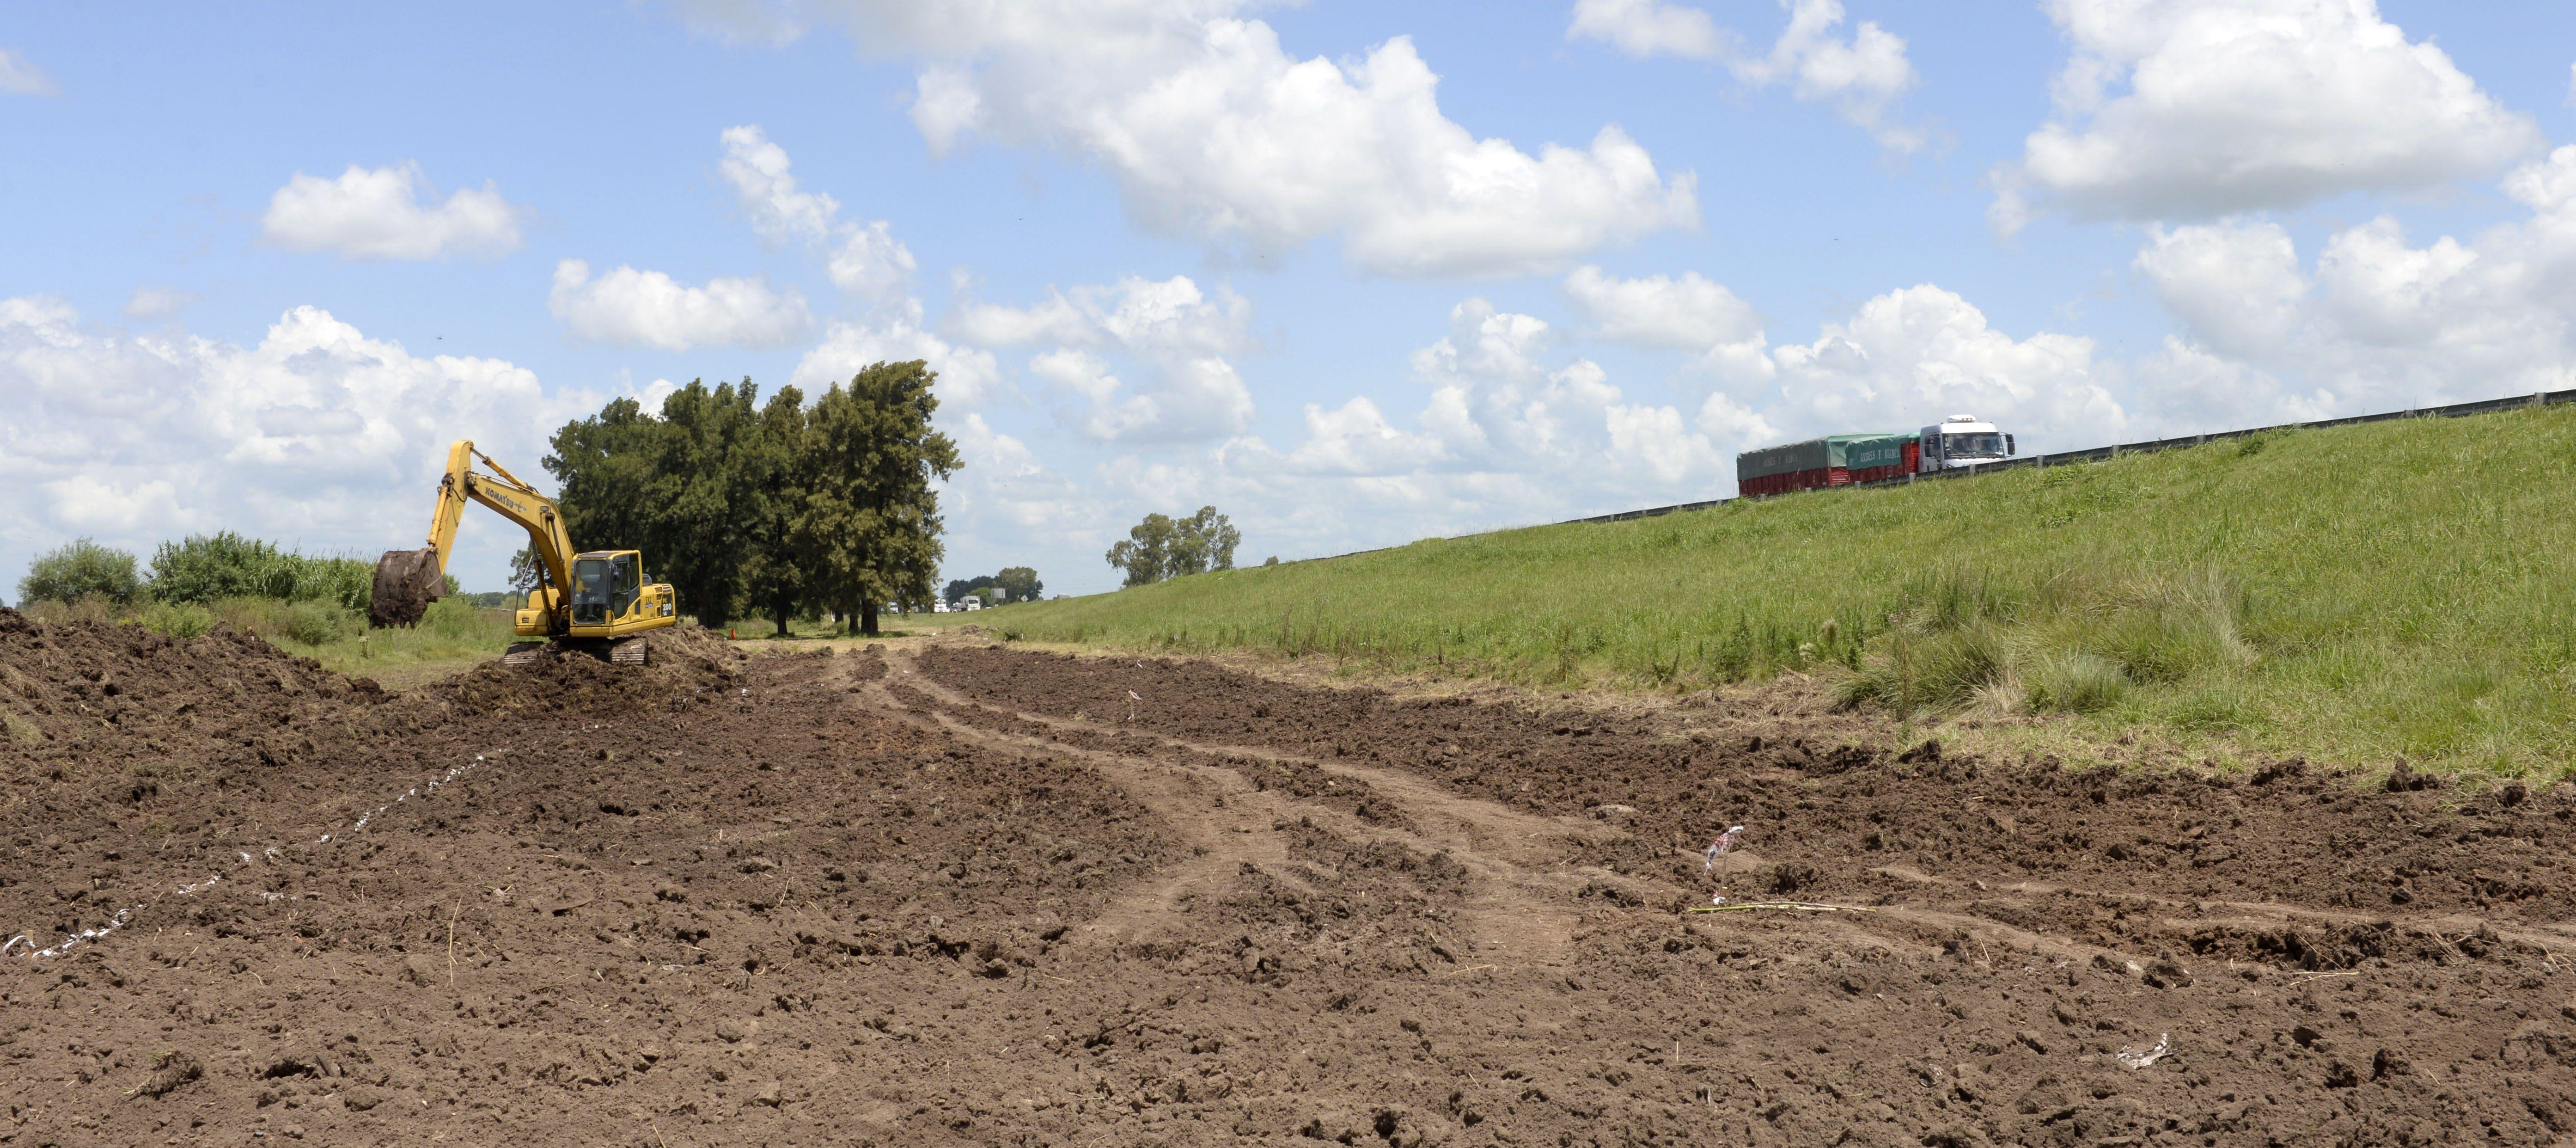 Las excavadoras iniciaron las tareas en Capitán Bermúdez para hacer el acceso a la autopista a Santa Fe. (S.Salinas)